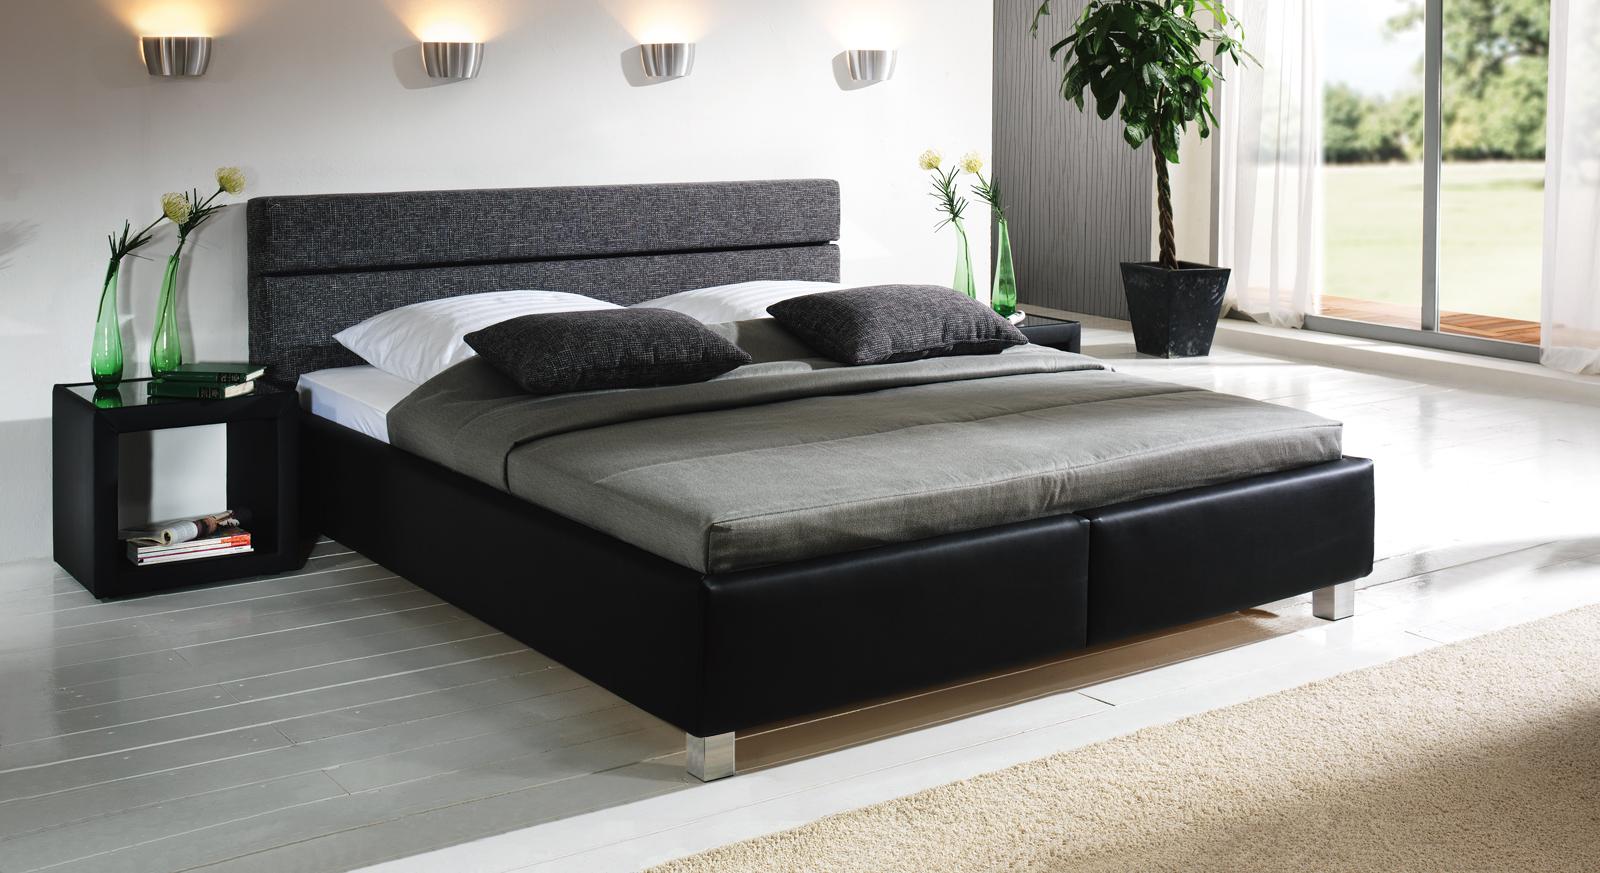 Full Size of Günstiges Bett Was Ist Ein Polsterbett Luxus Lionsstar Gmbh Schwarz Weiß Möbel Boss Betten Badewanne Bette Rückenlehne Bopita Mit Aufbewahrung Massivholz Bett Günstiges Bett